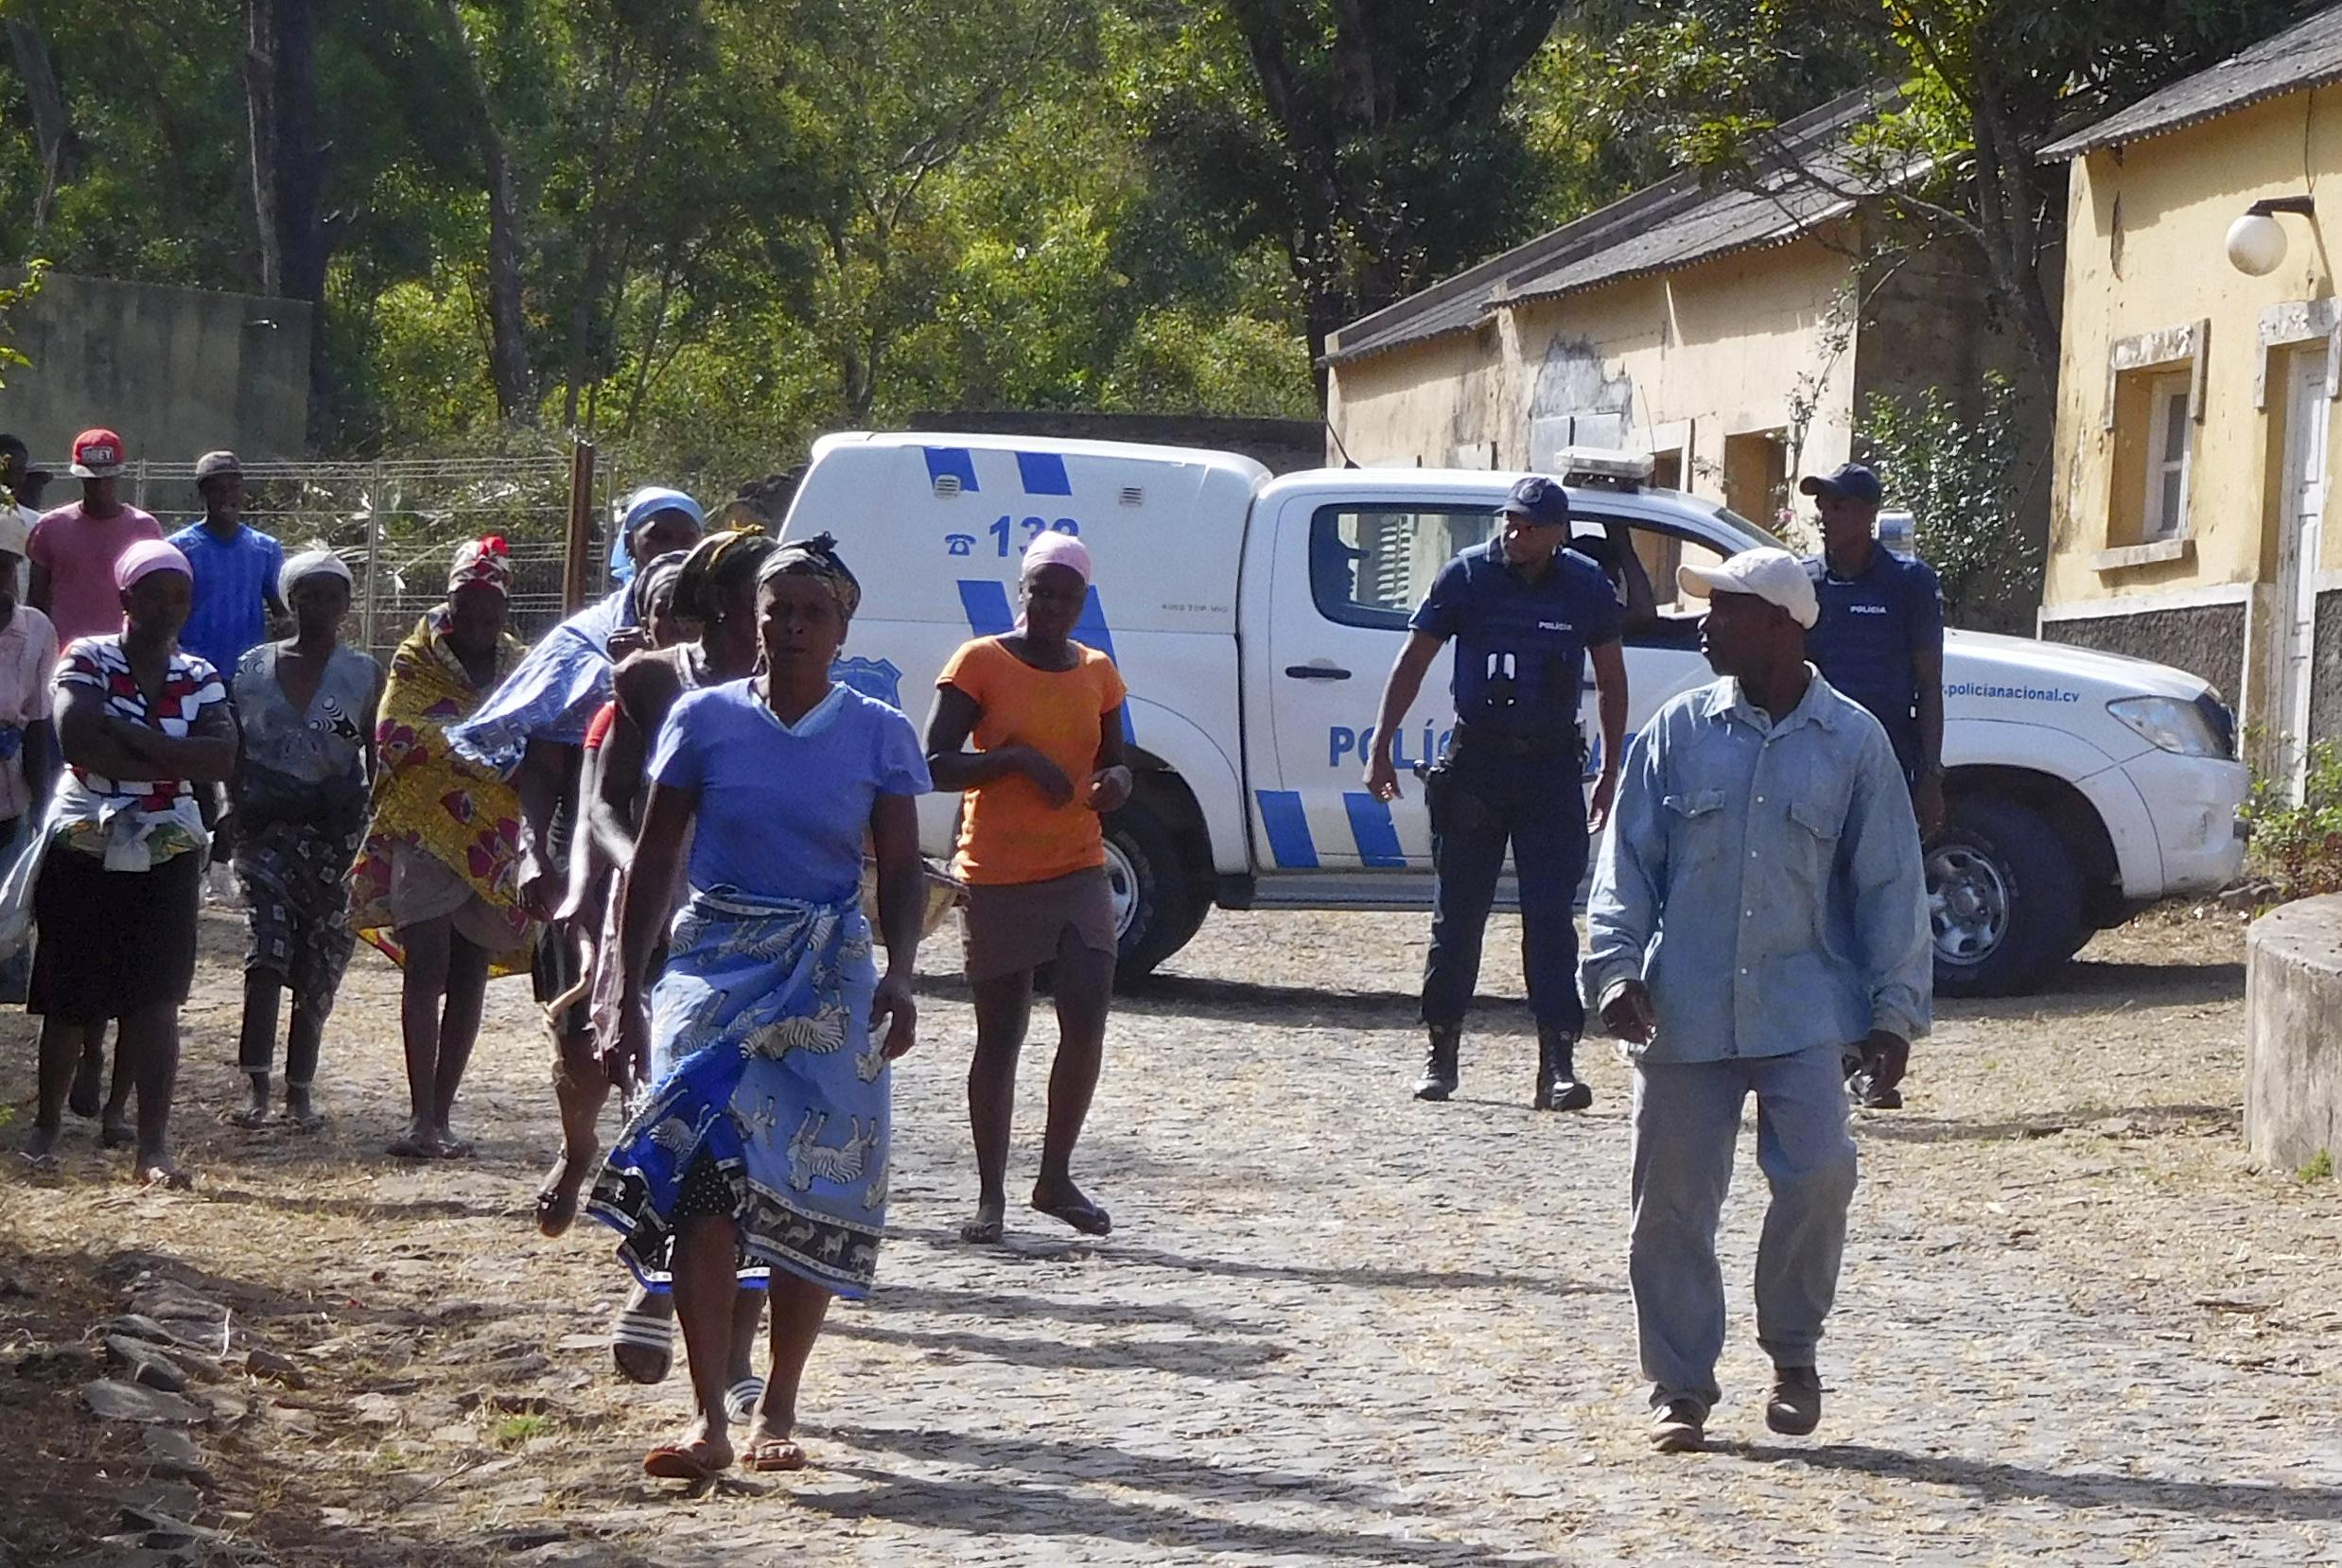 Emoção e dor na homenagem às vítimas em posto militar em Cabo Verde